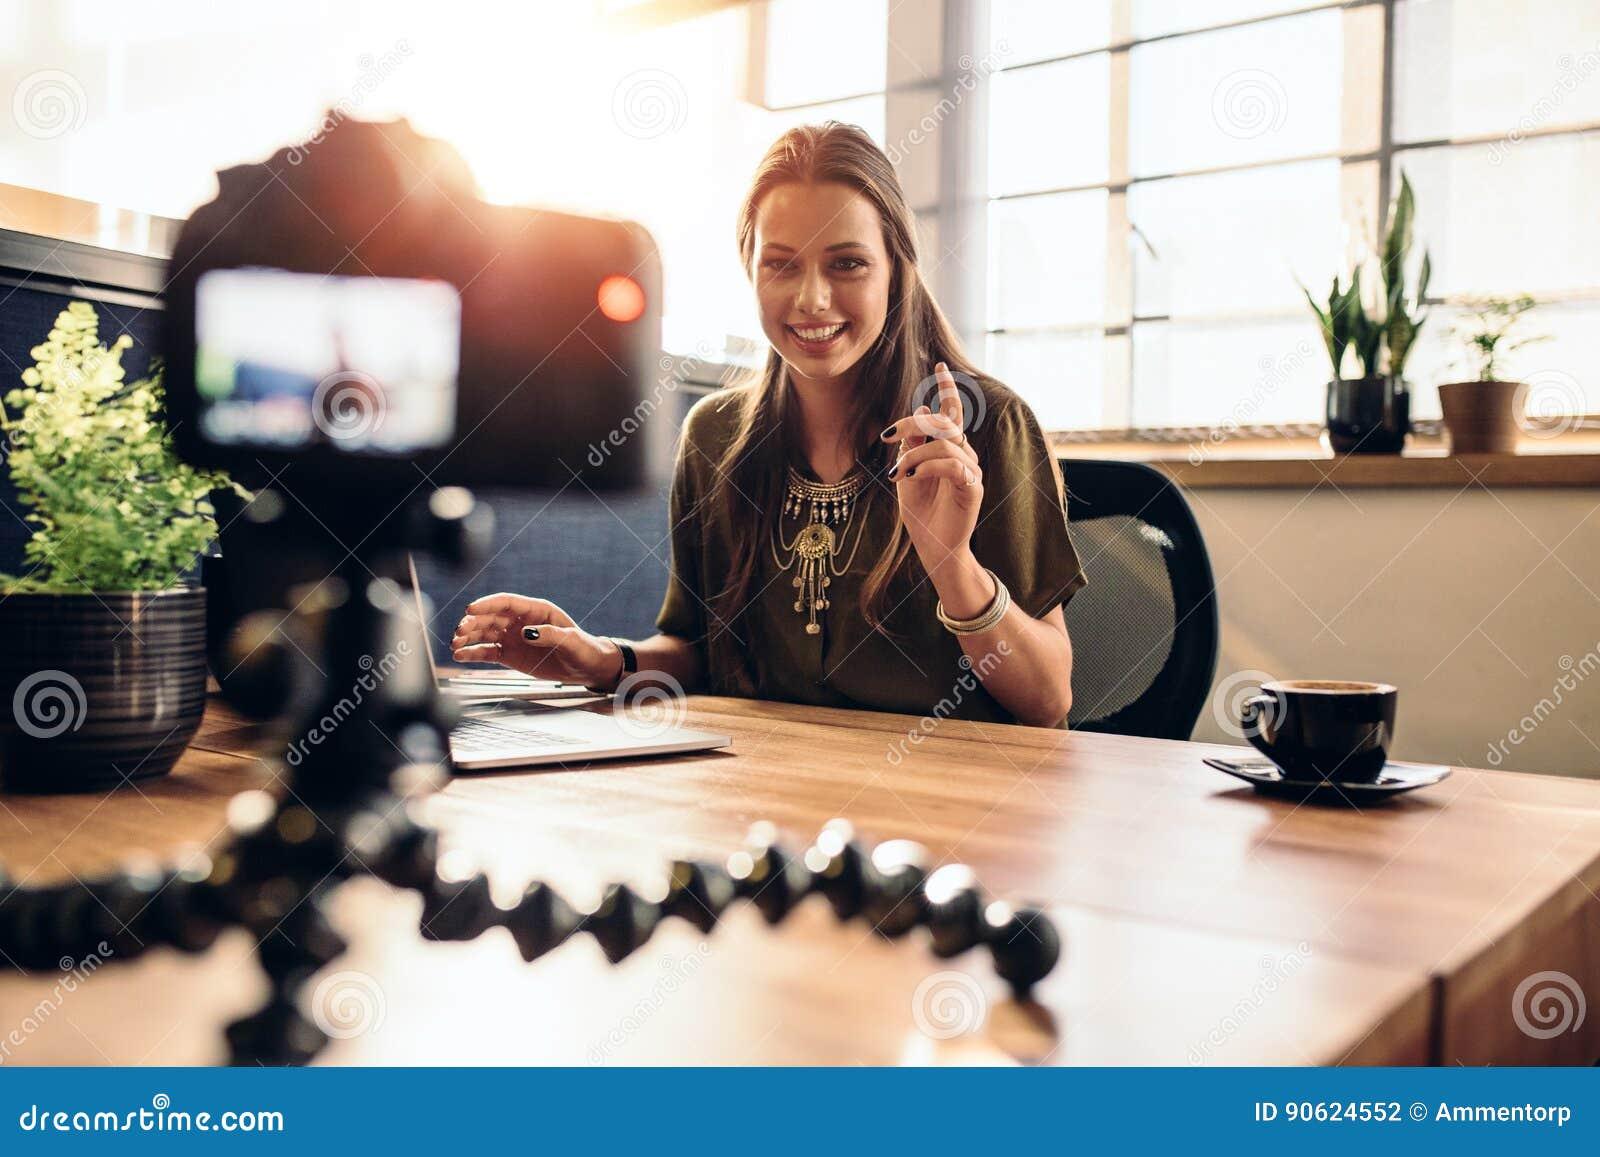 Młoda żeńska vlogger nagrania zawartość dla jej wideo blogu